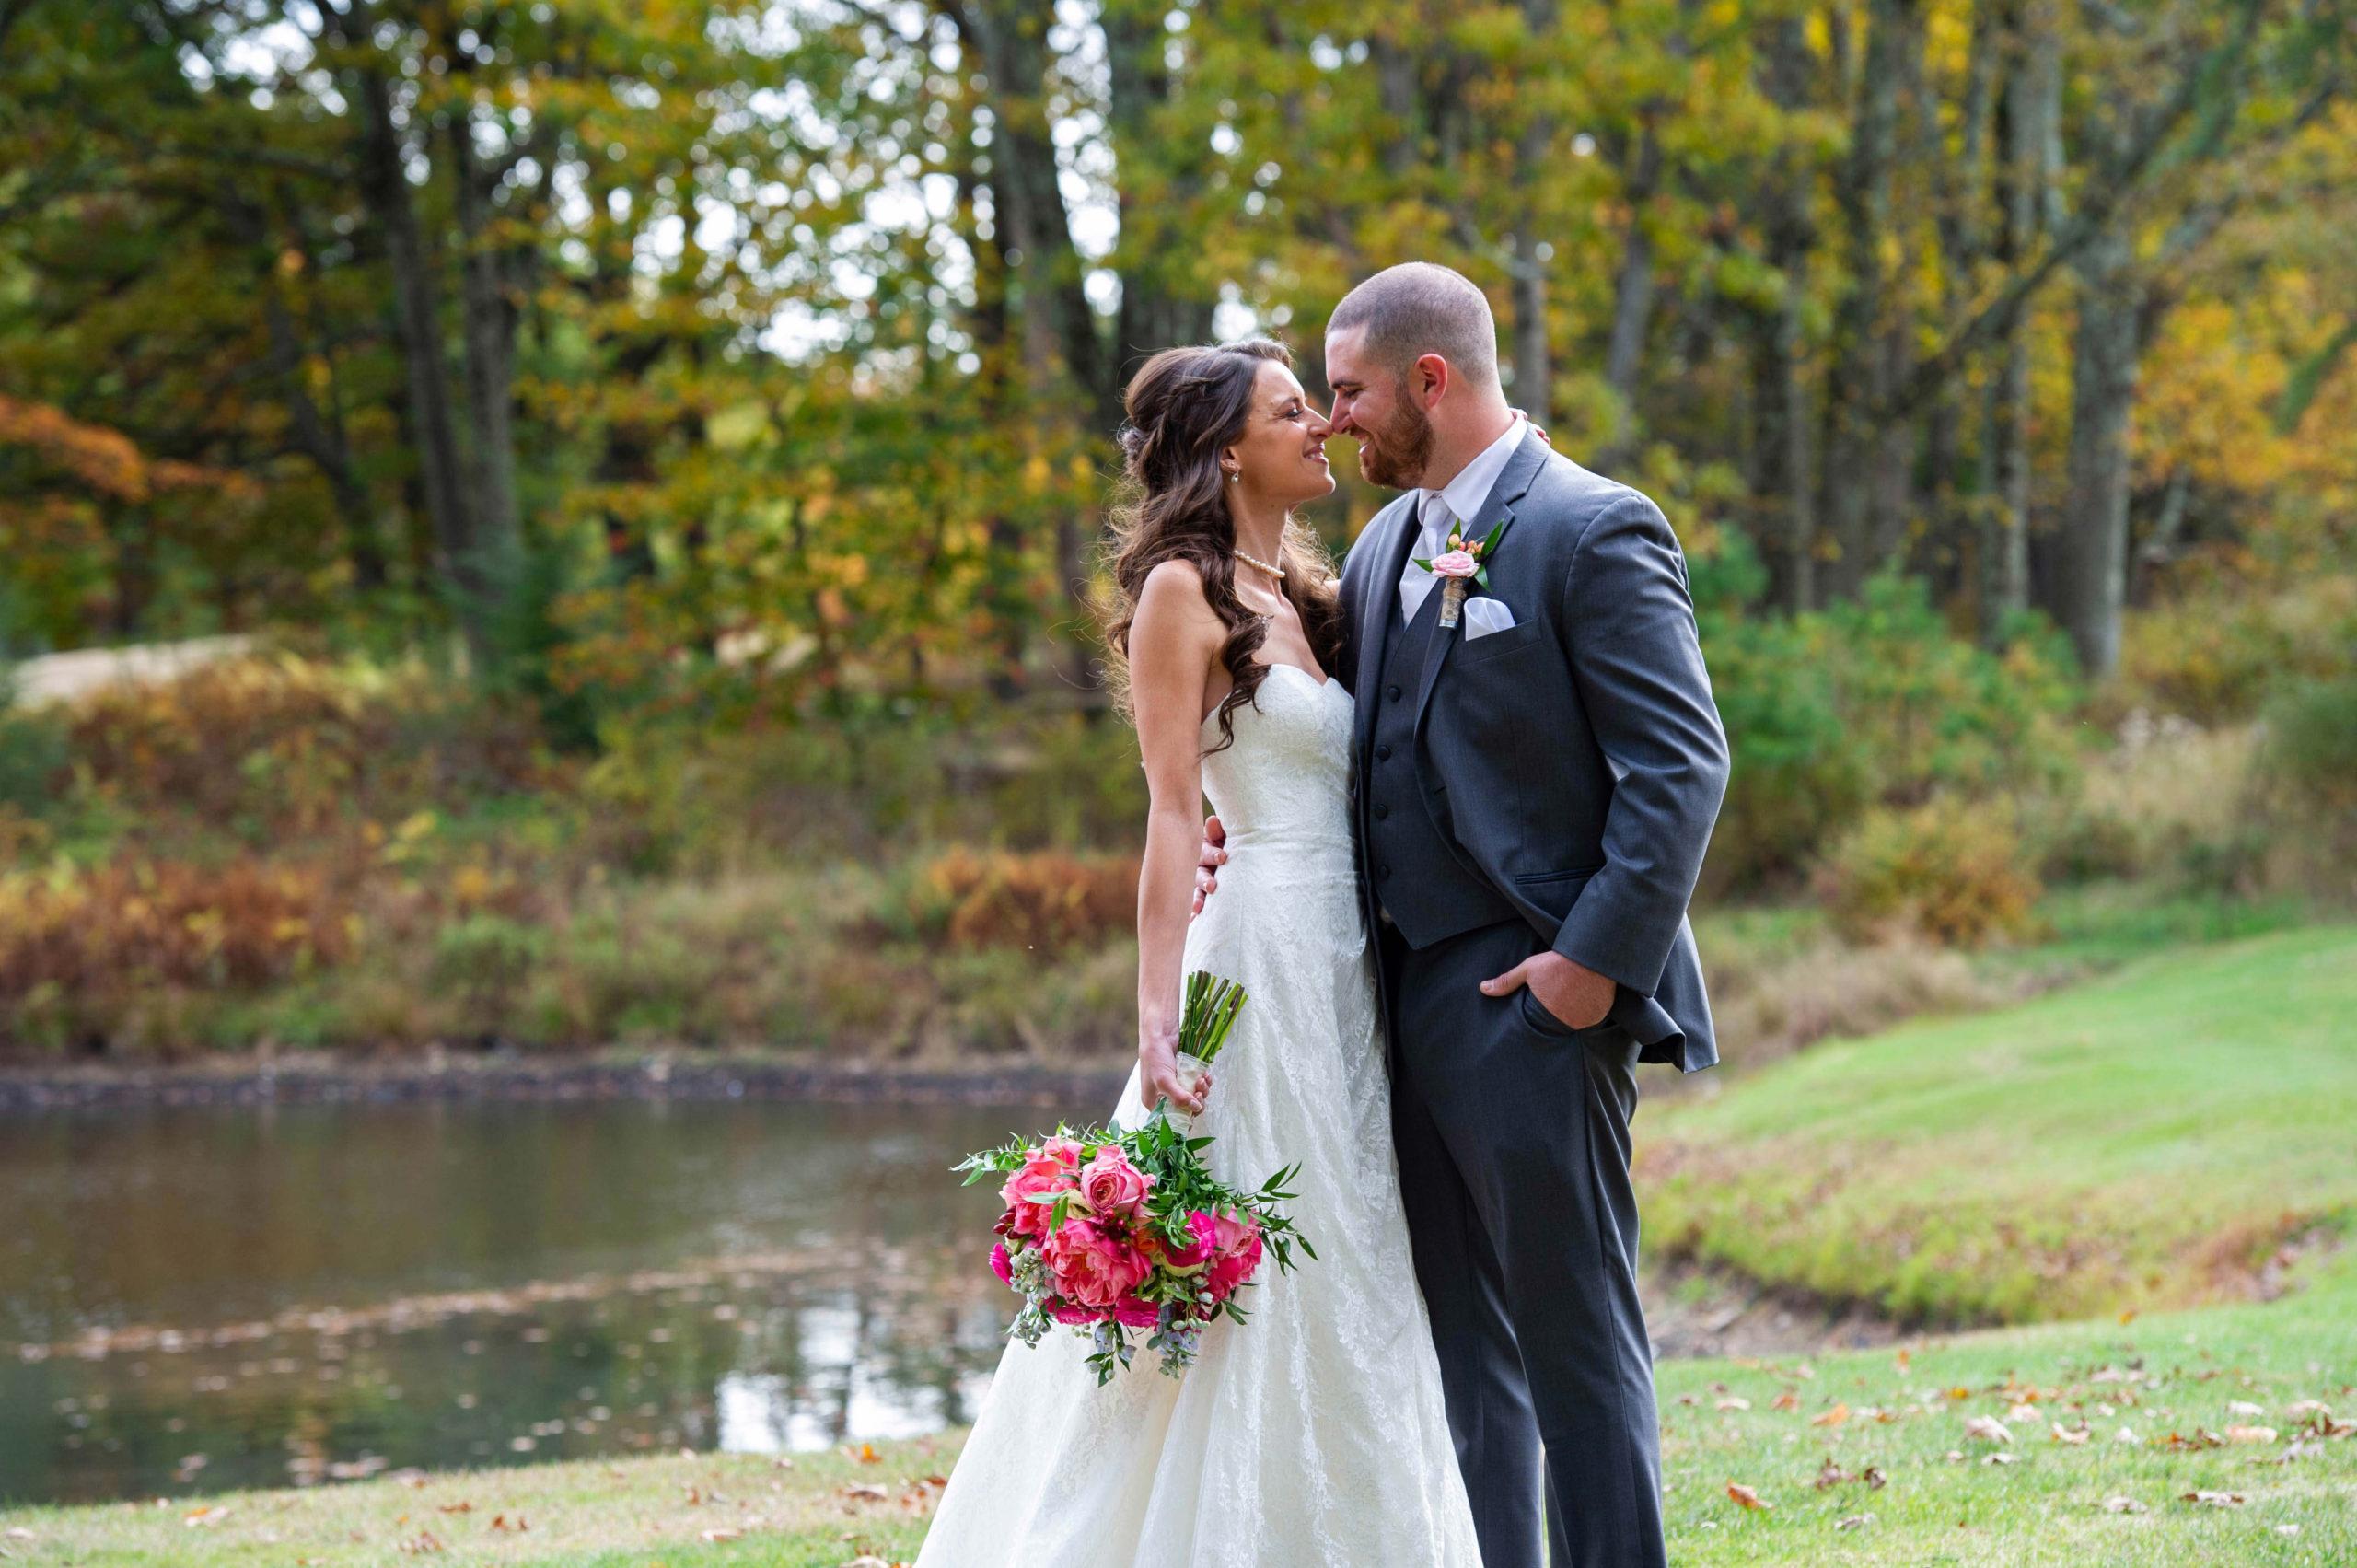 Pocono Manor Wedding - Pocono Summit, PA